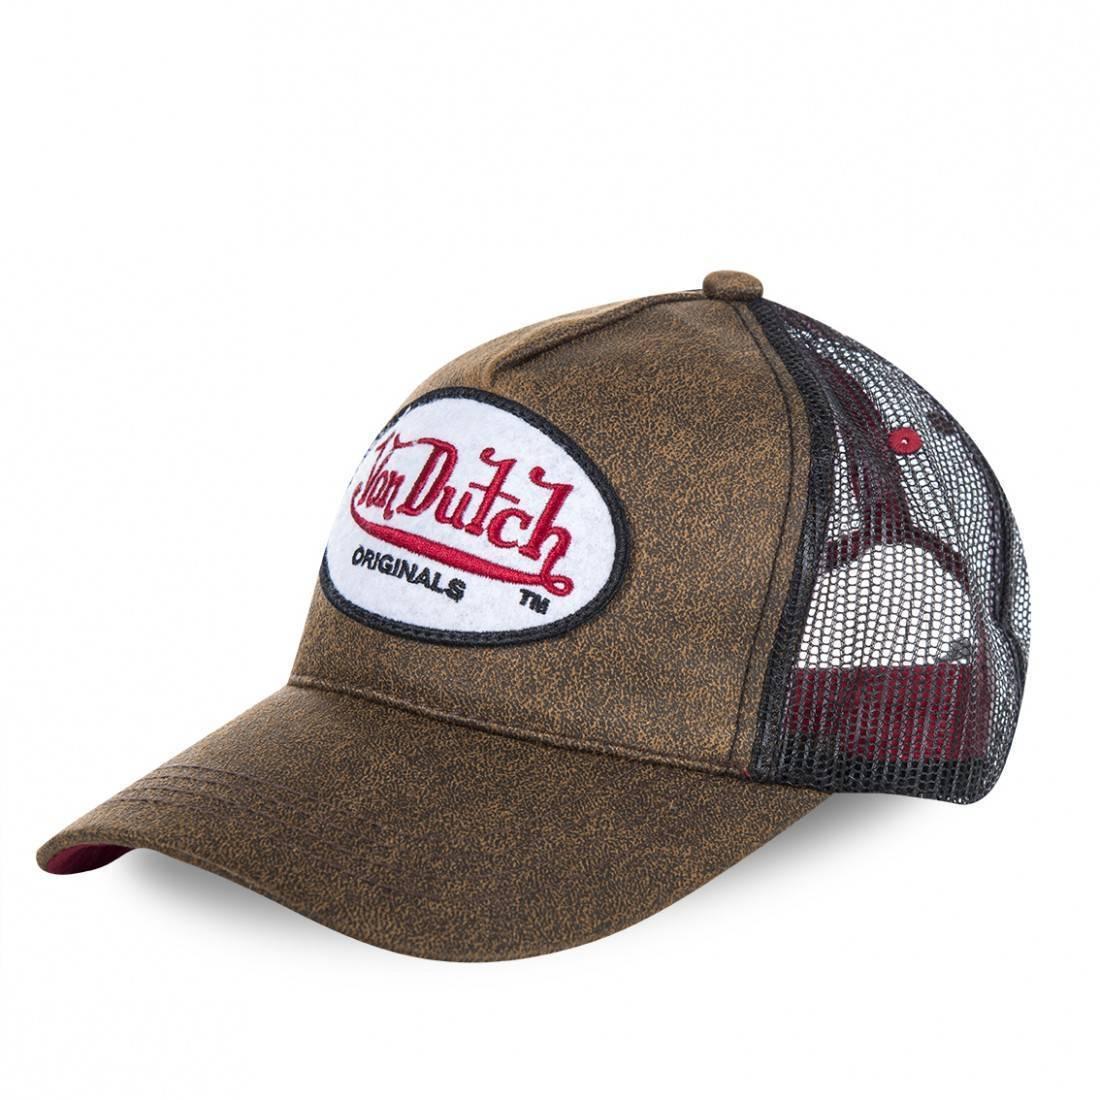 Von Dutch Originals Brown Cap Baseball Trucker 2623d3013772